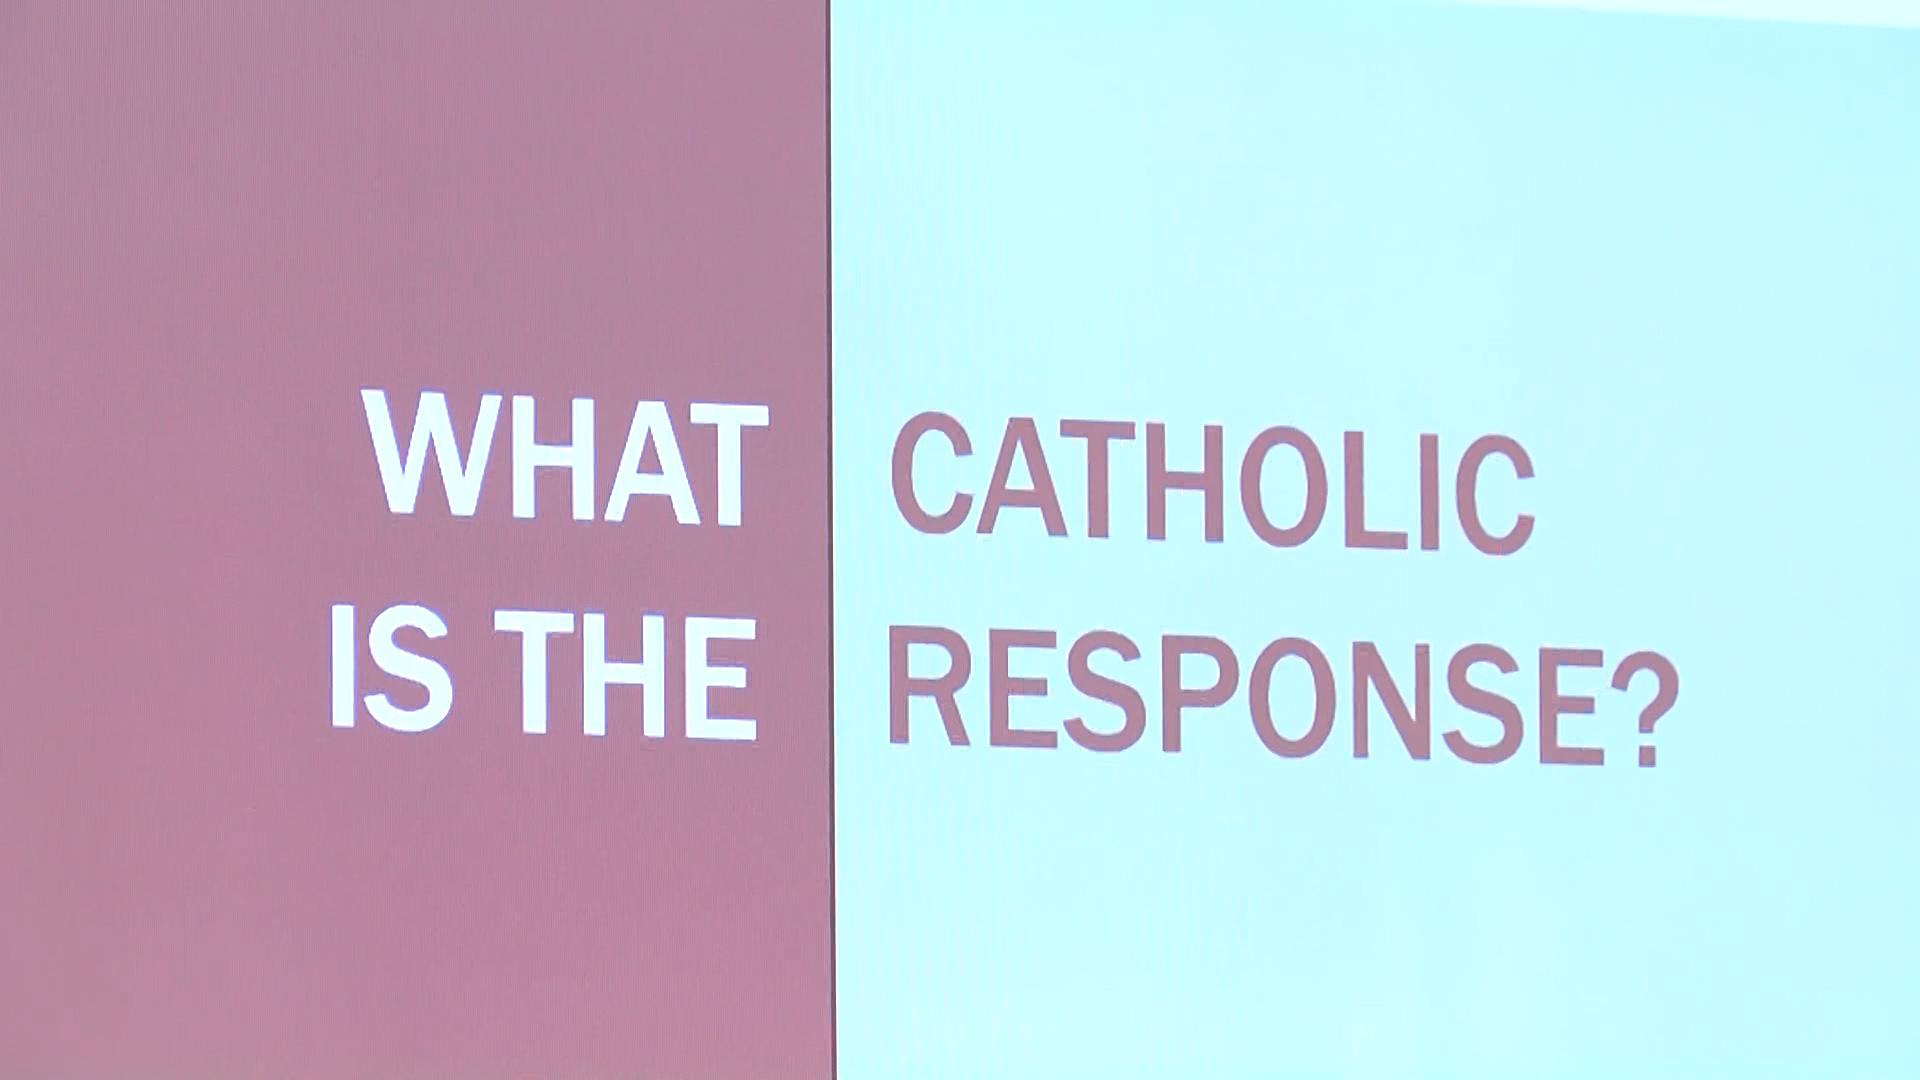 catholic pkg lily _1537136455164.jpg.jpg